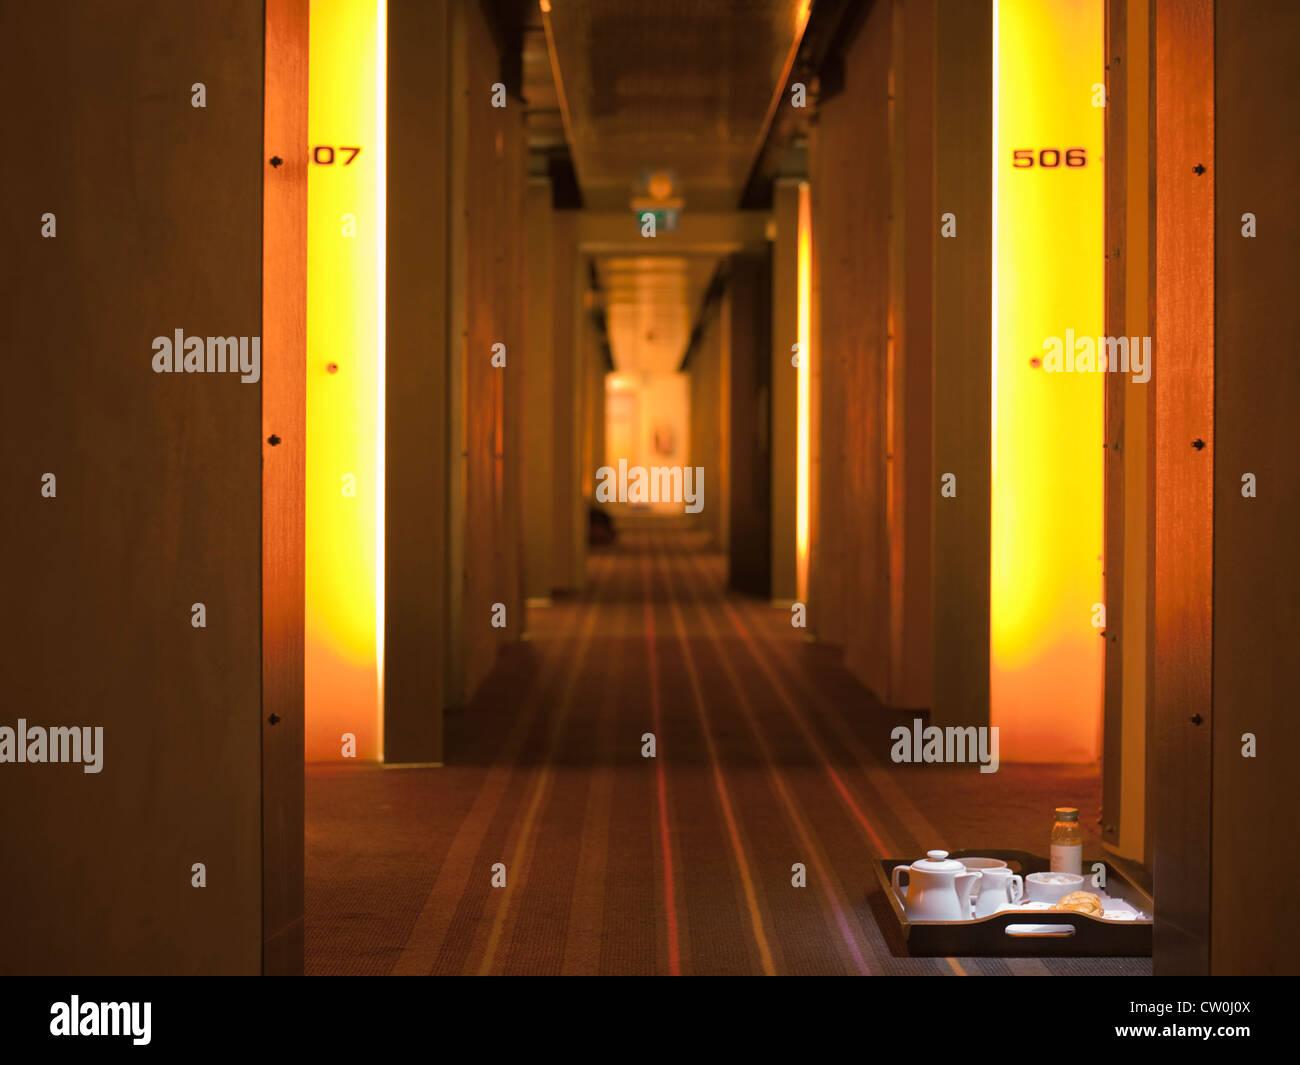 Pasillo con bandeja del servicio de habitaciones en el hotel Imagen De Stock